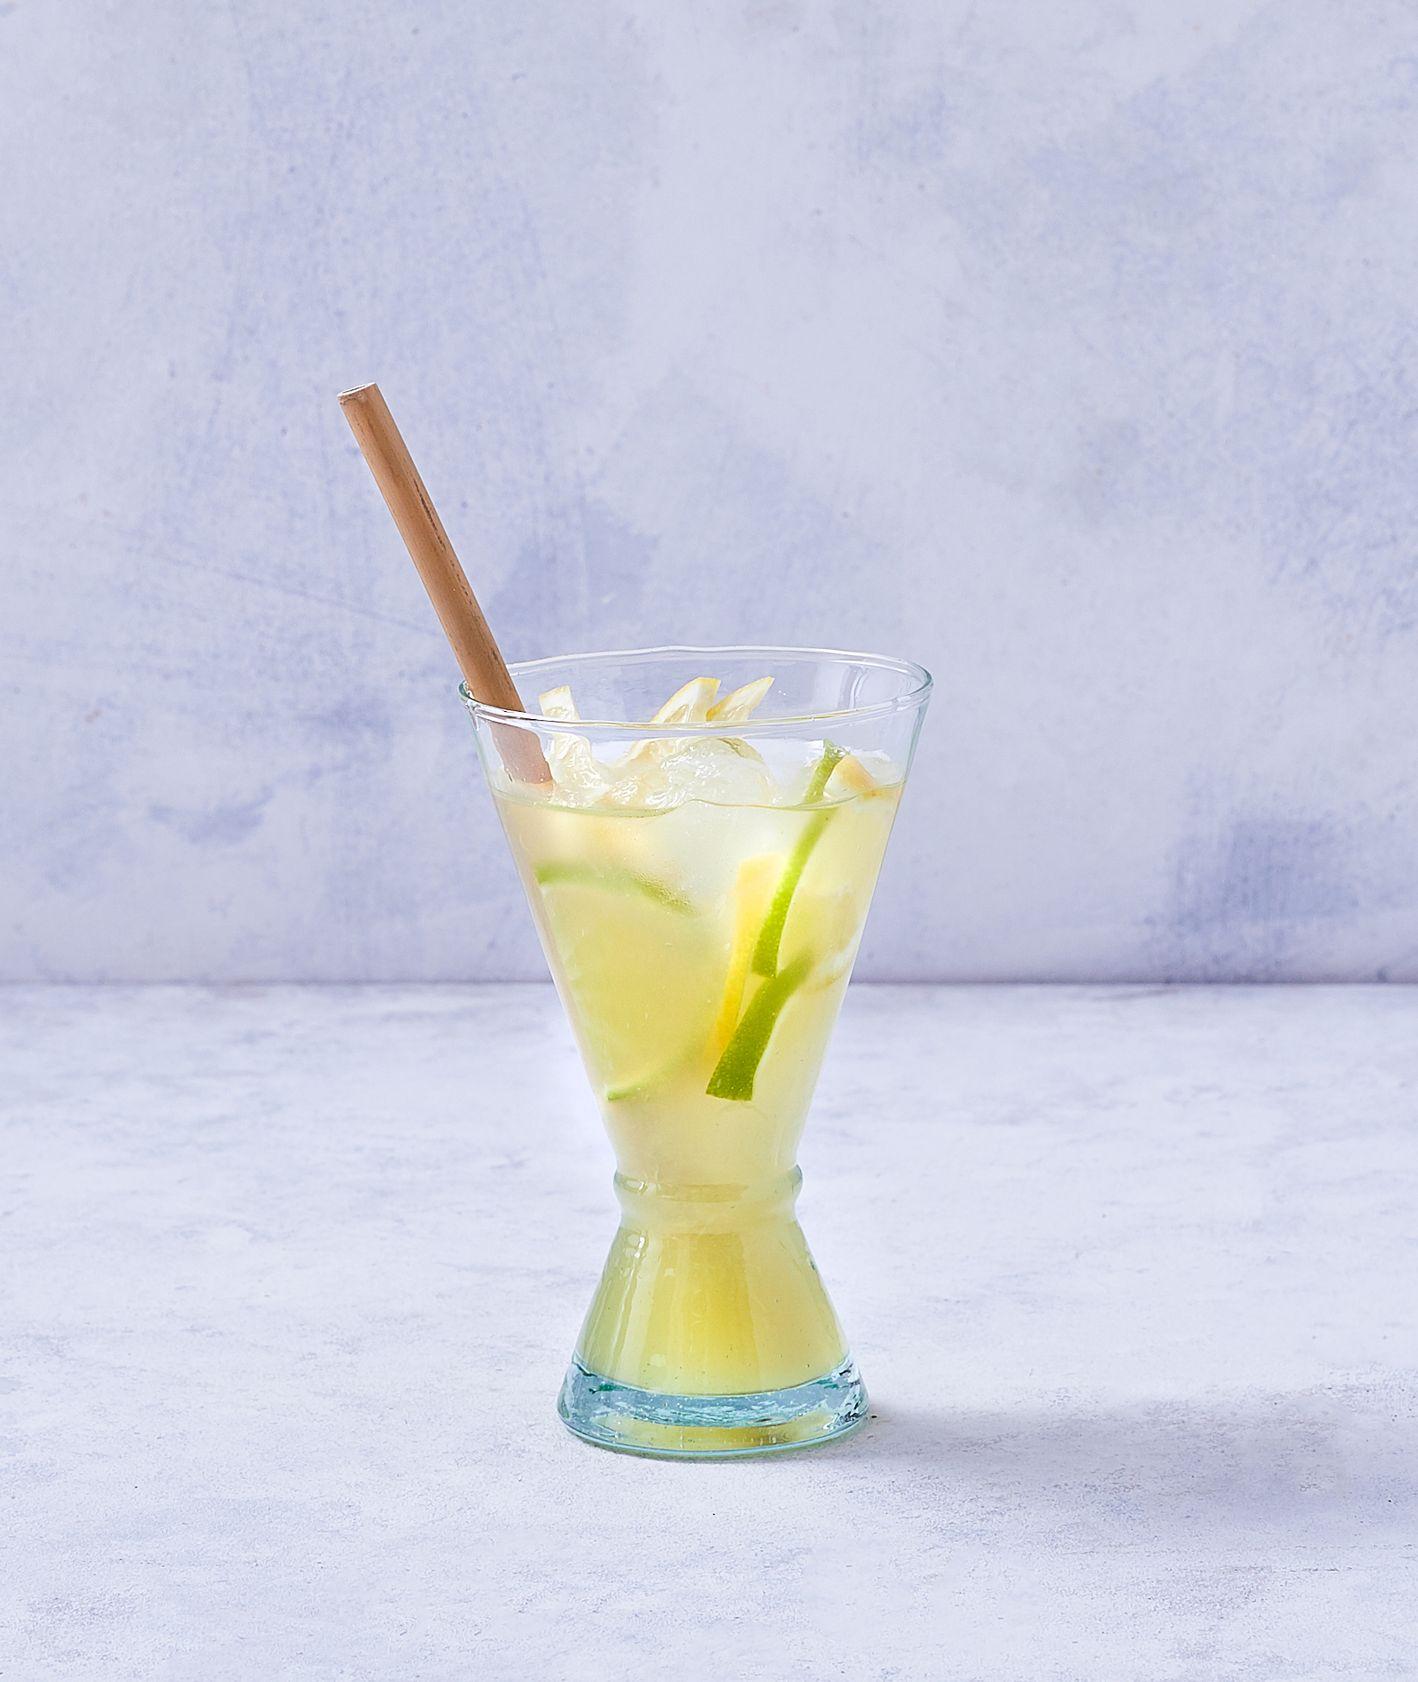 Kwaśna lemoniada na bazie soku z cytryny i soku z limonki (fot. Marcin Lewandowski)